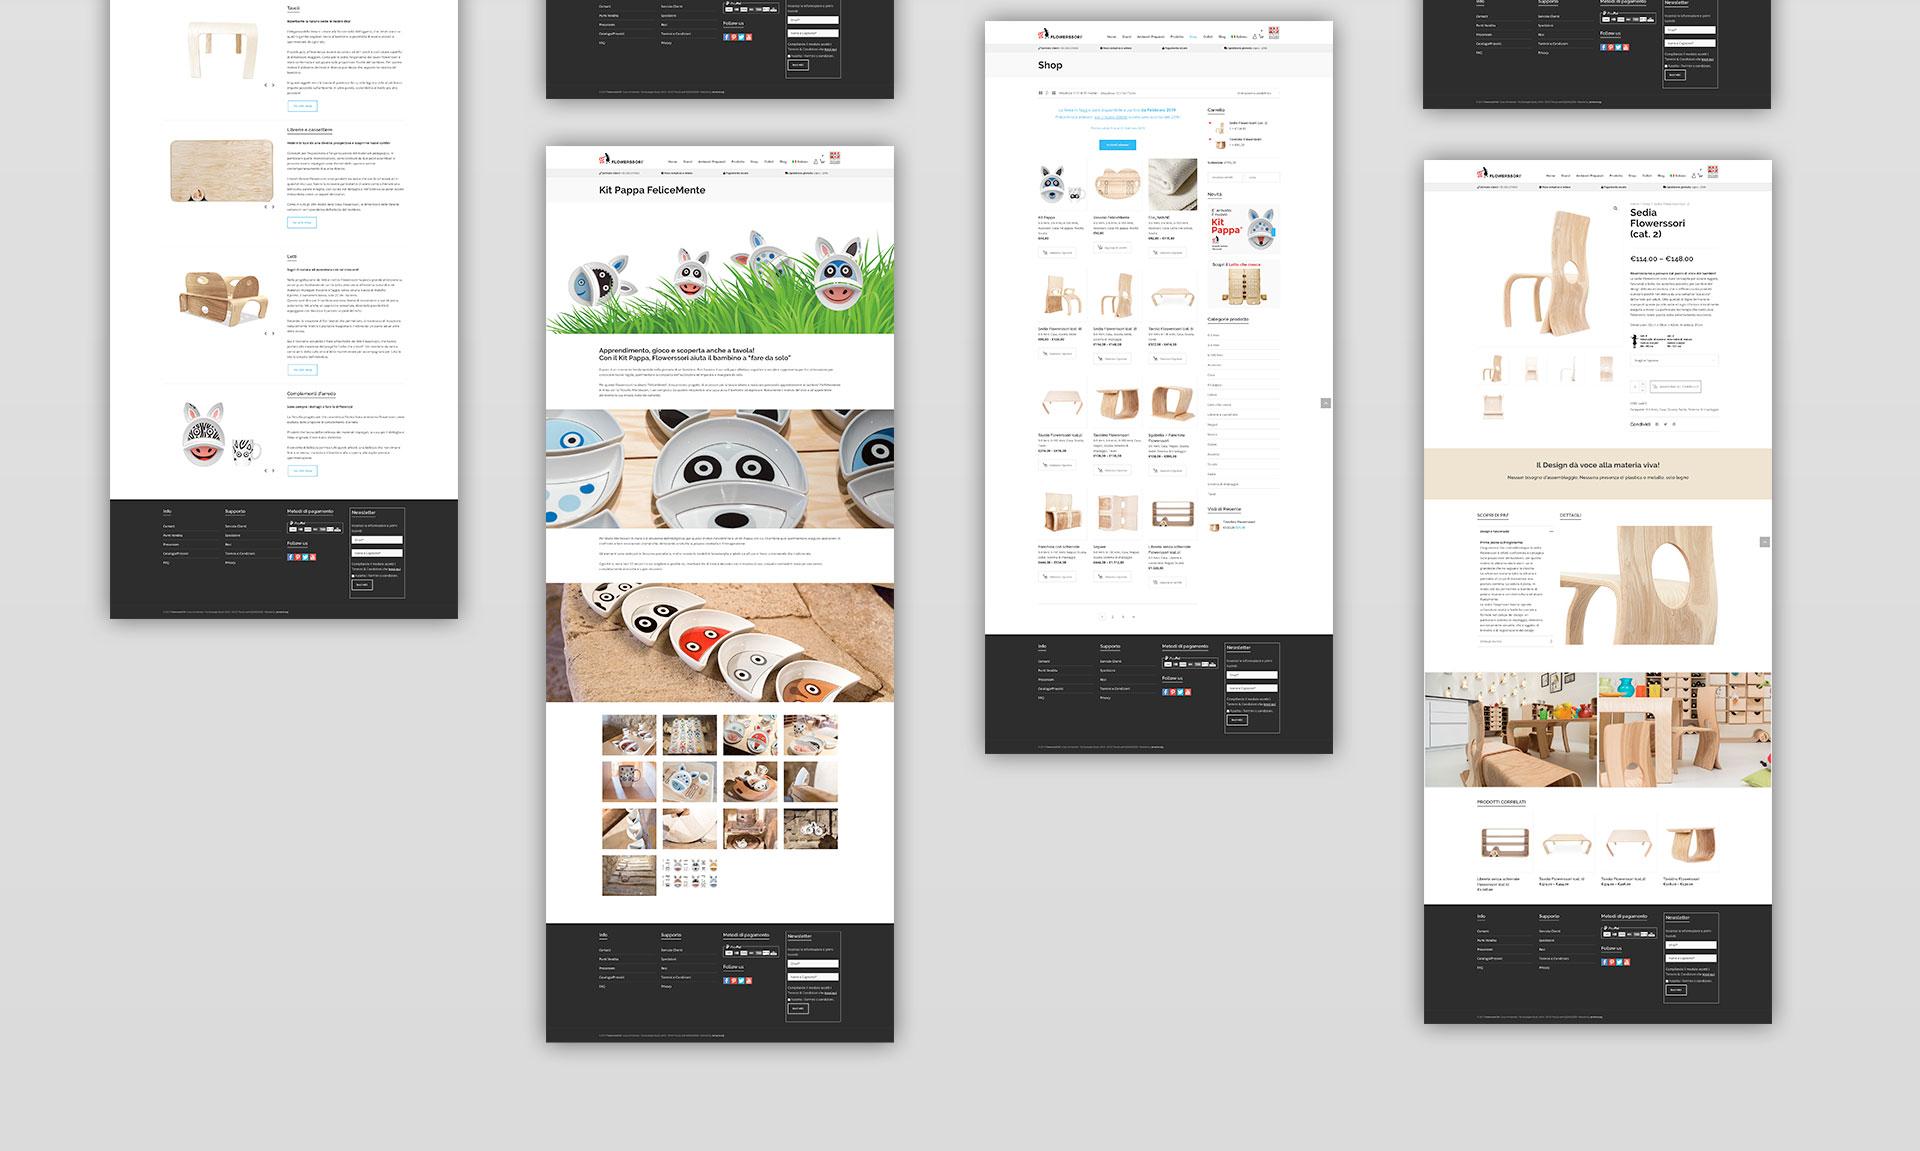 flowerssori-website-pages3